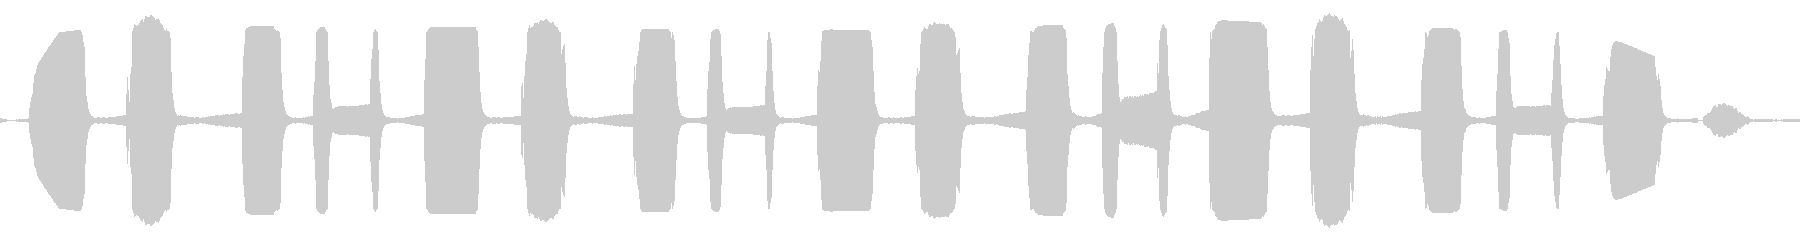 ロボット、機械的な効果音の未再生の波形